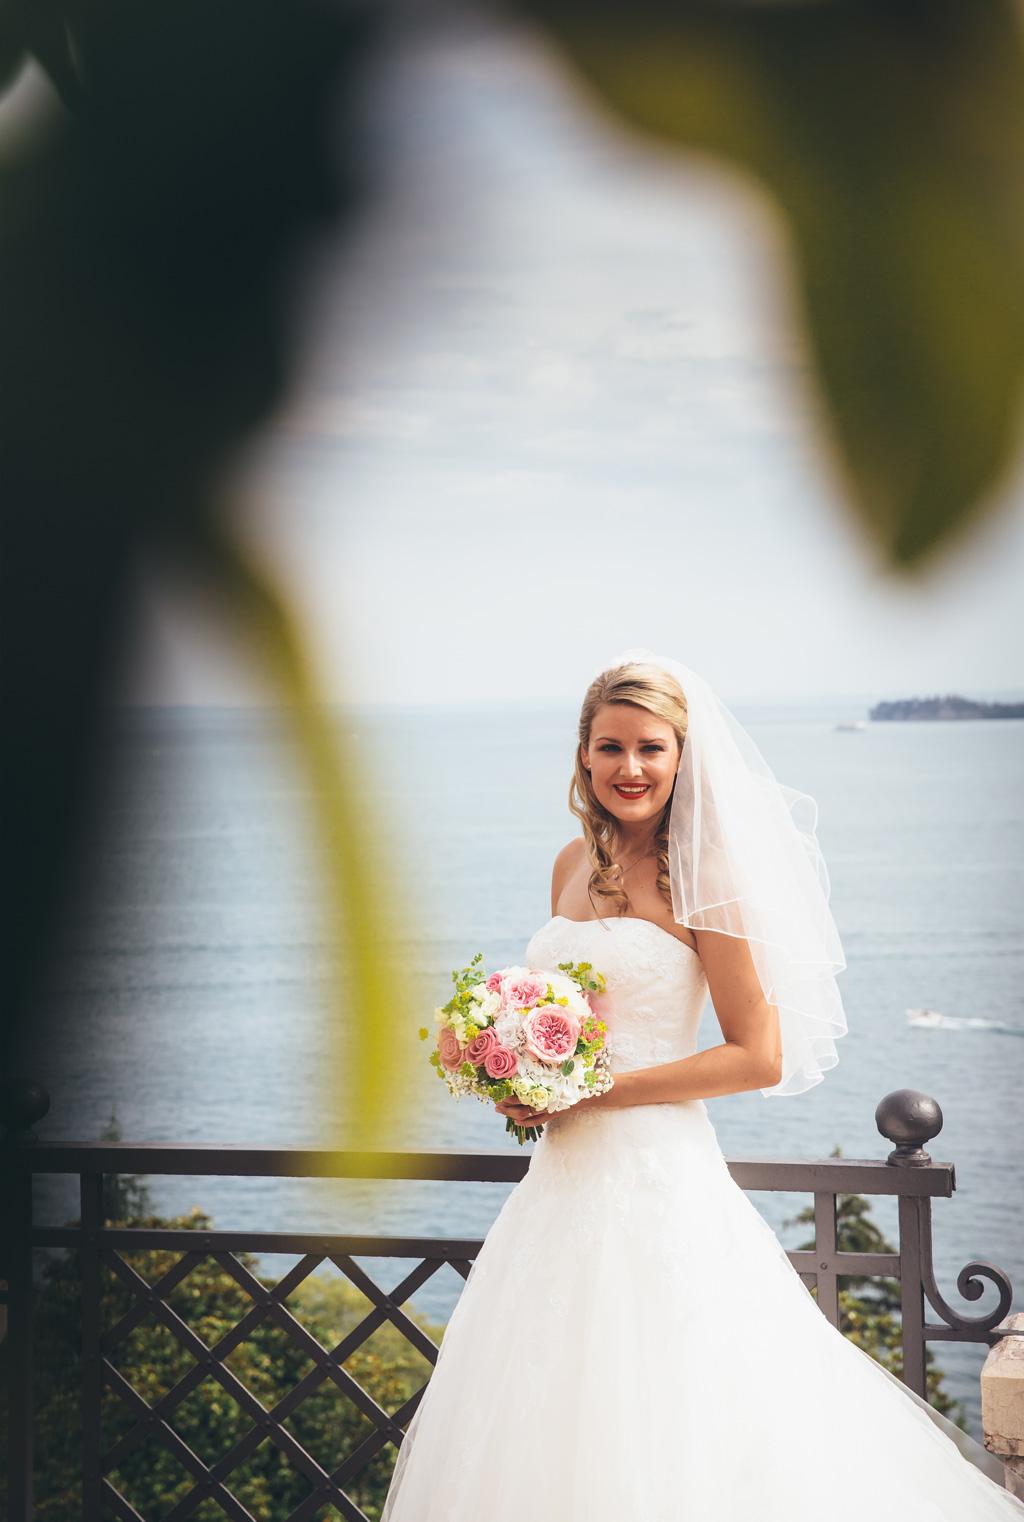 La bella sposa bionda sorride davanti all'obiettivo del fotografo